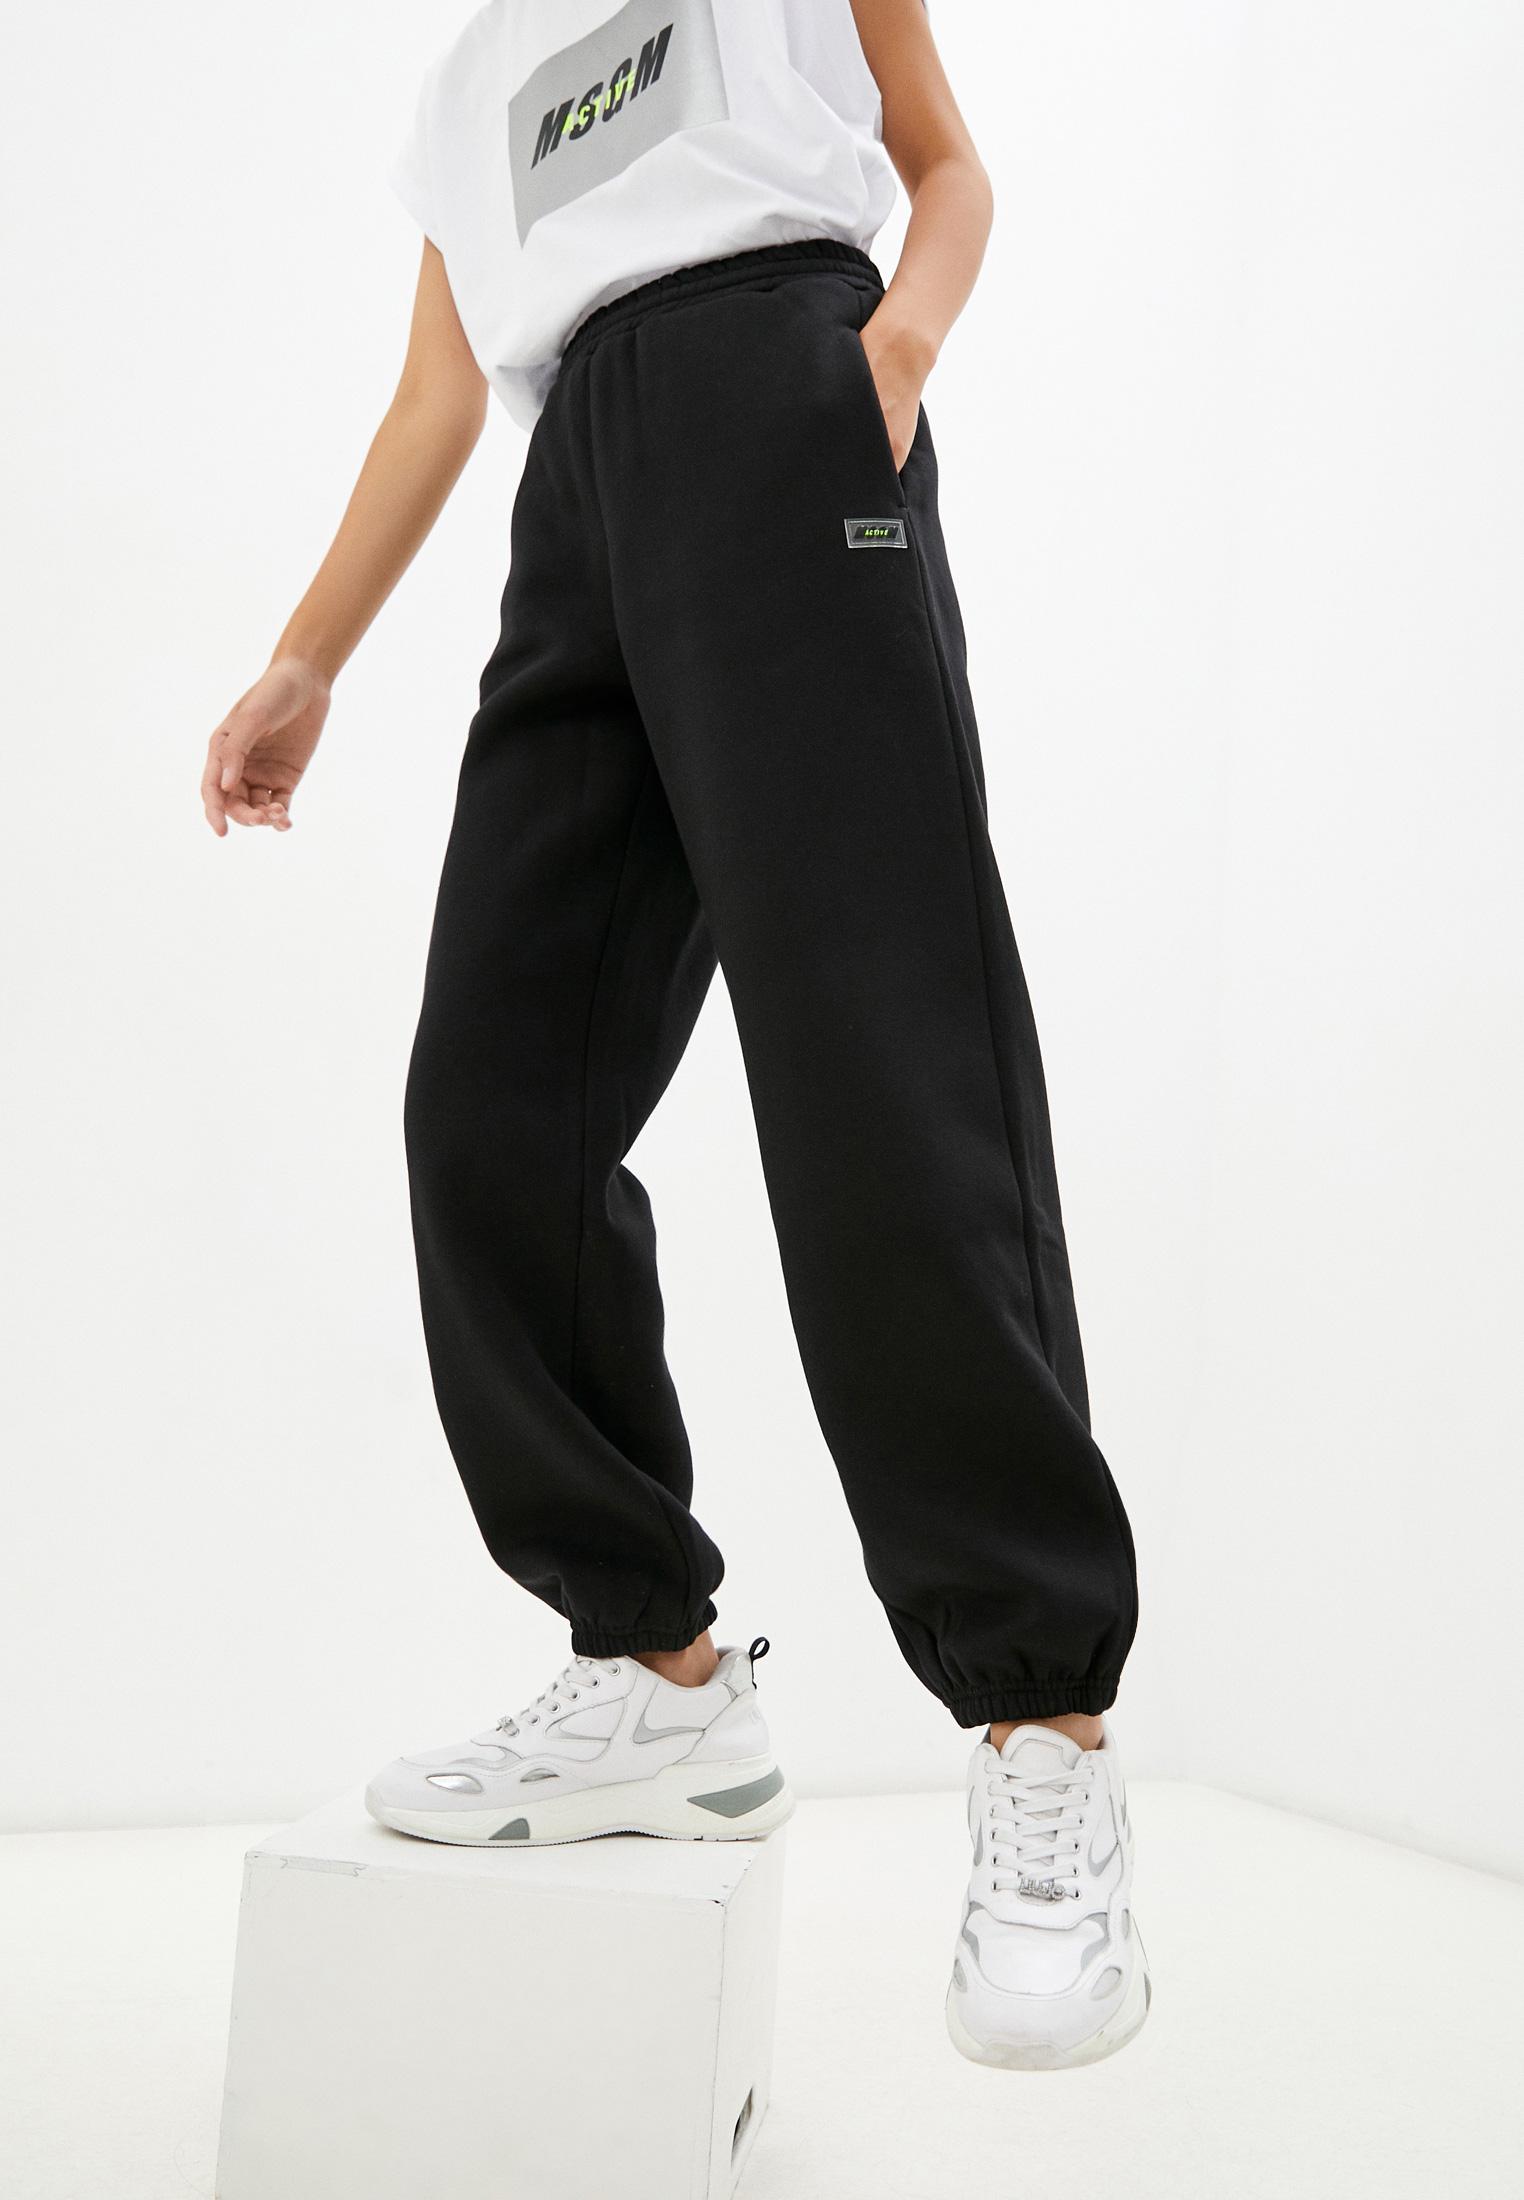 Женские спортивные брюки MSGM Брюки спортивные MSGM